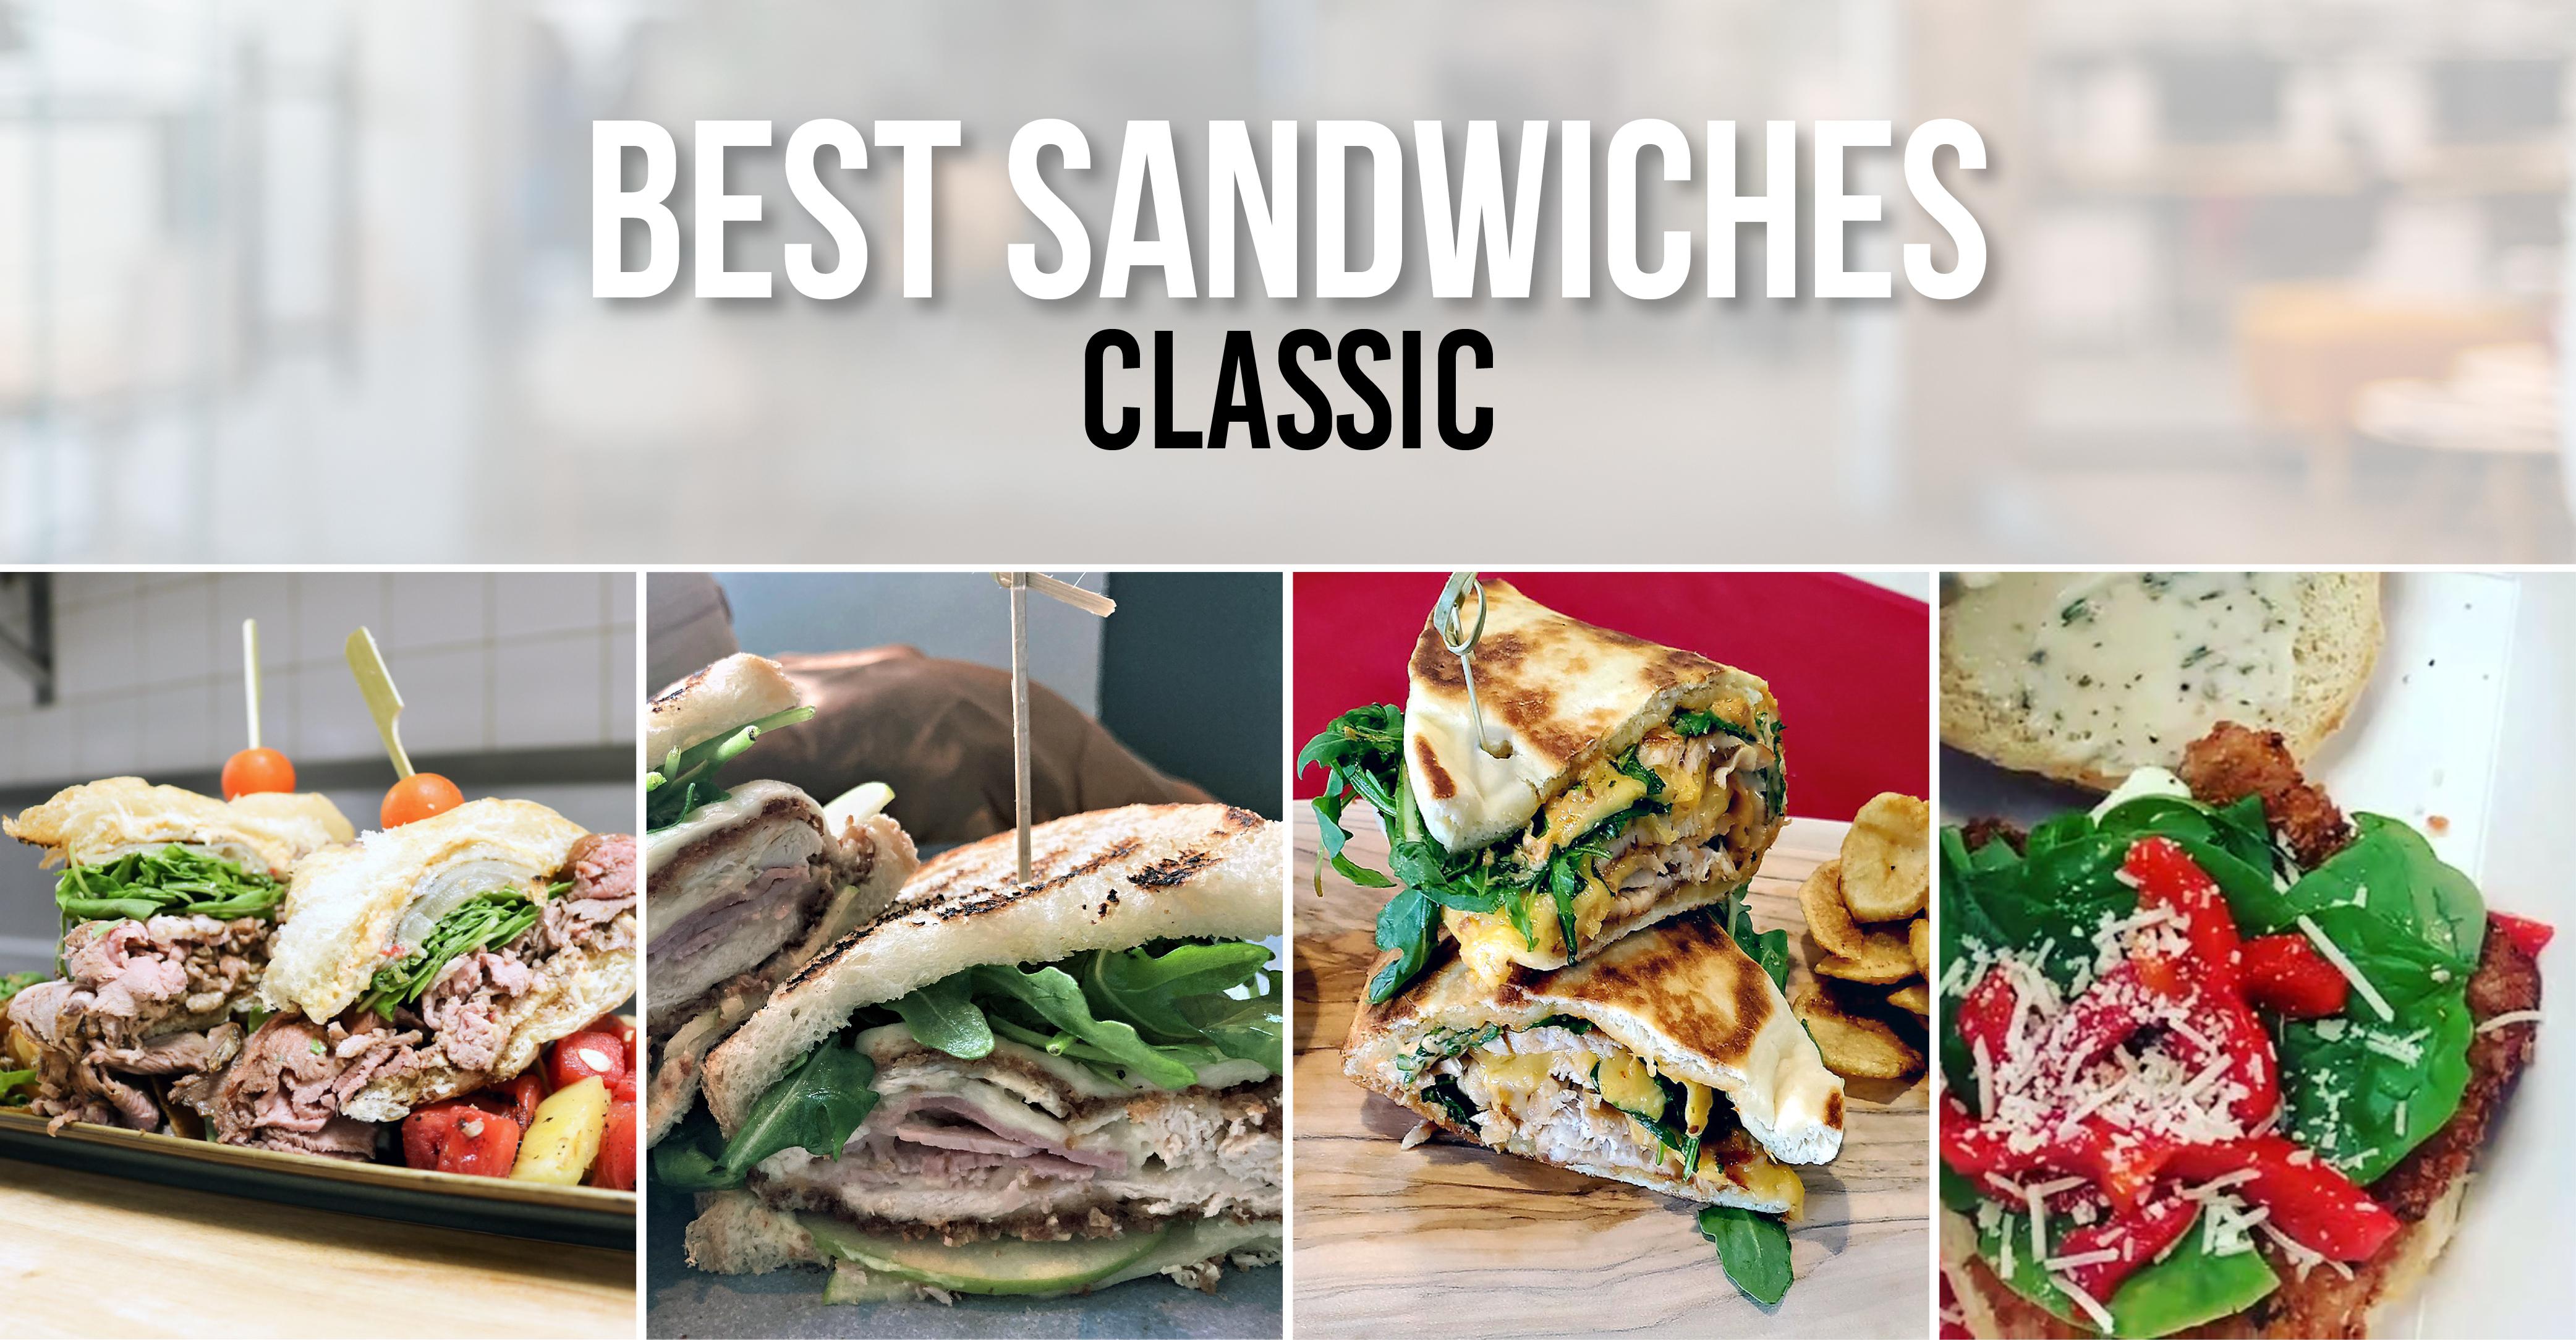 Meet the 2020 Food Management Best Sandwiches winners ...